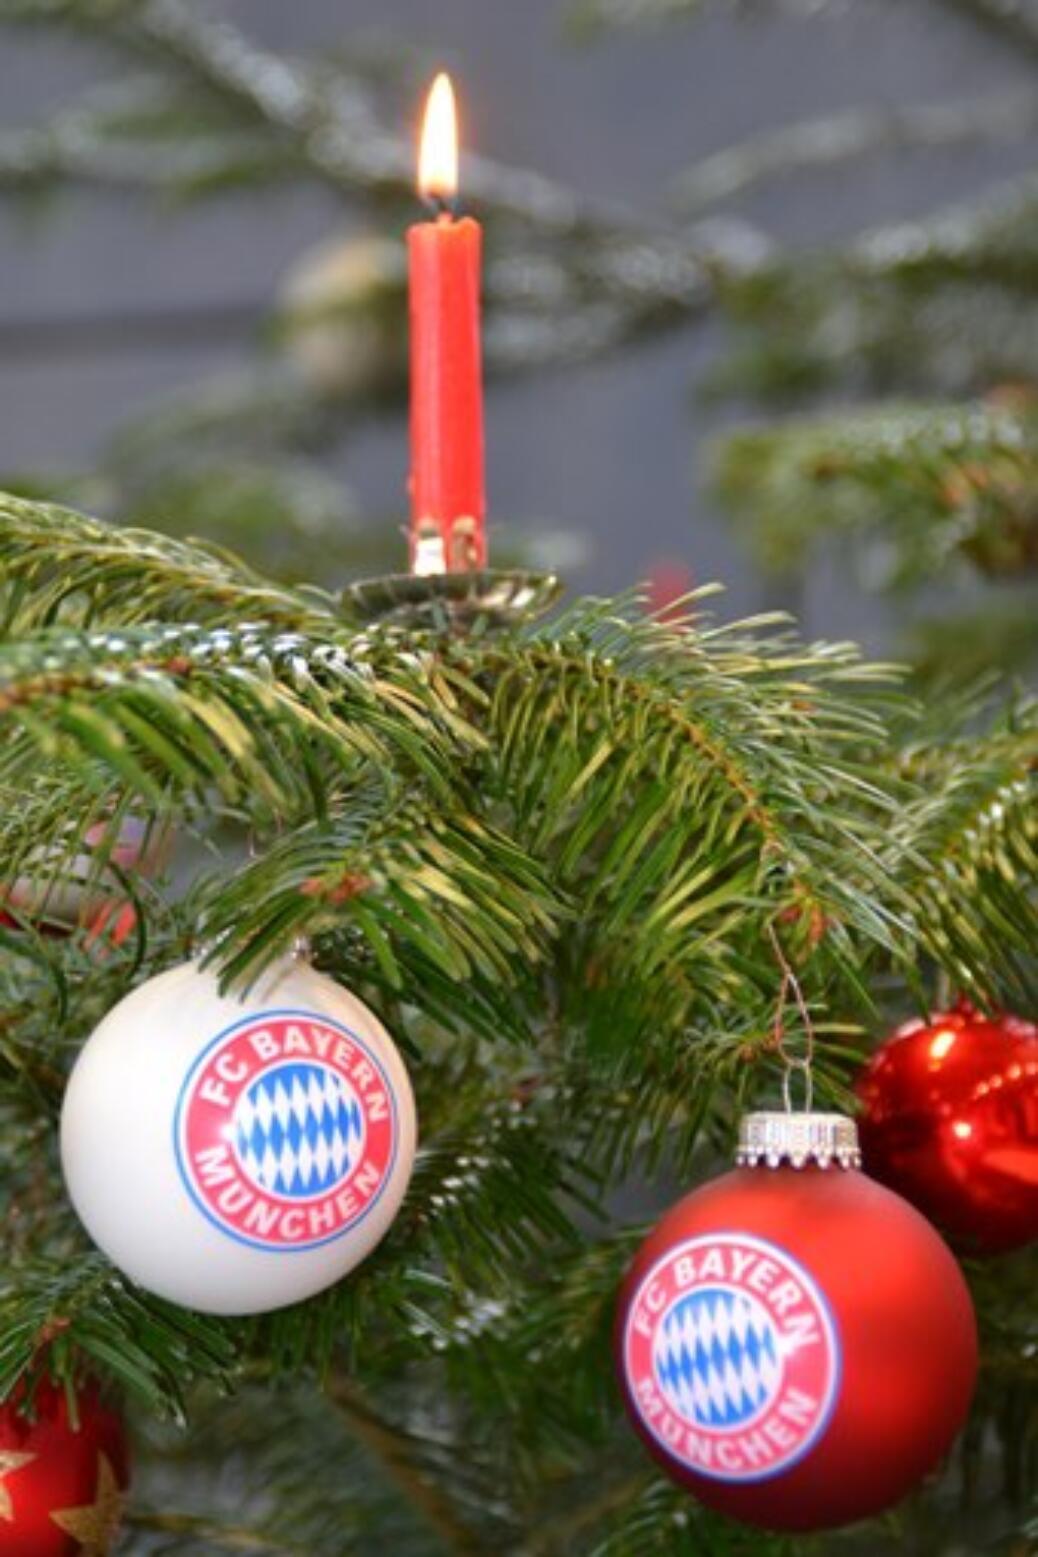 Fc Bayern Wünscht Frohe Weihnachten.Frohe Weihnachten Und Ein Glückliches Neues Jahr 2016 Fc Bayern